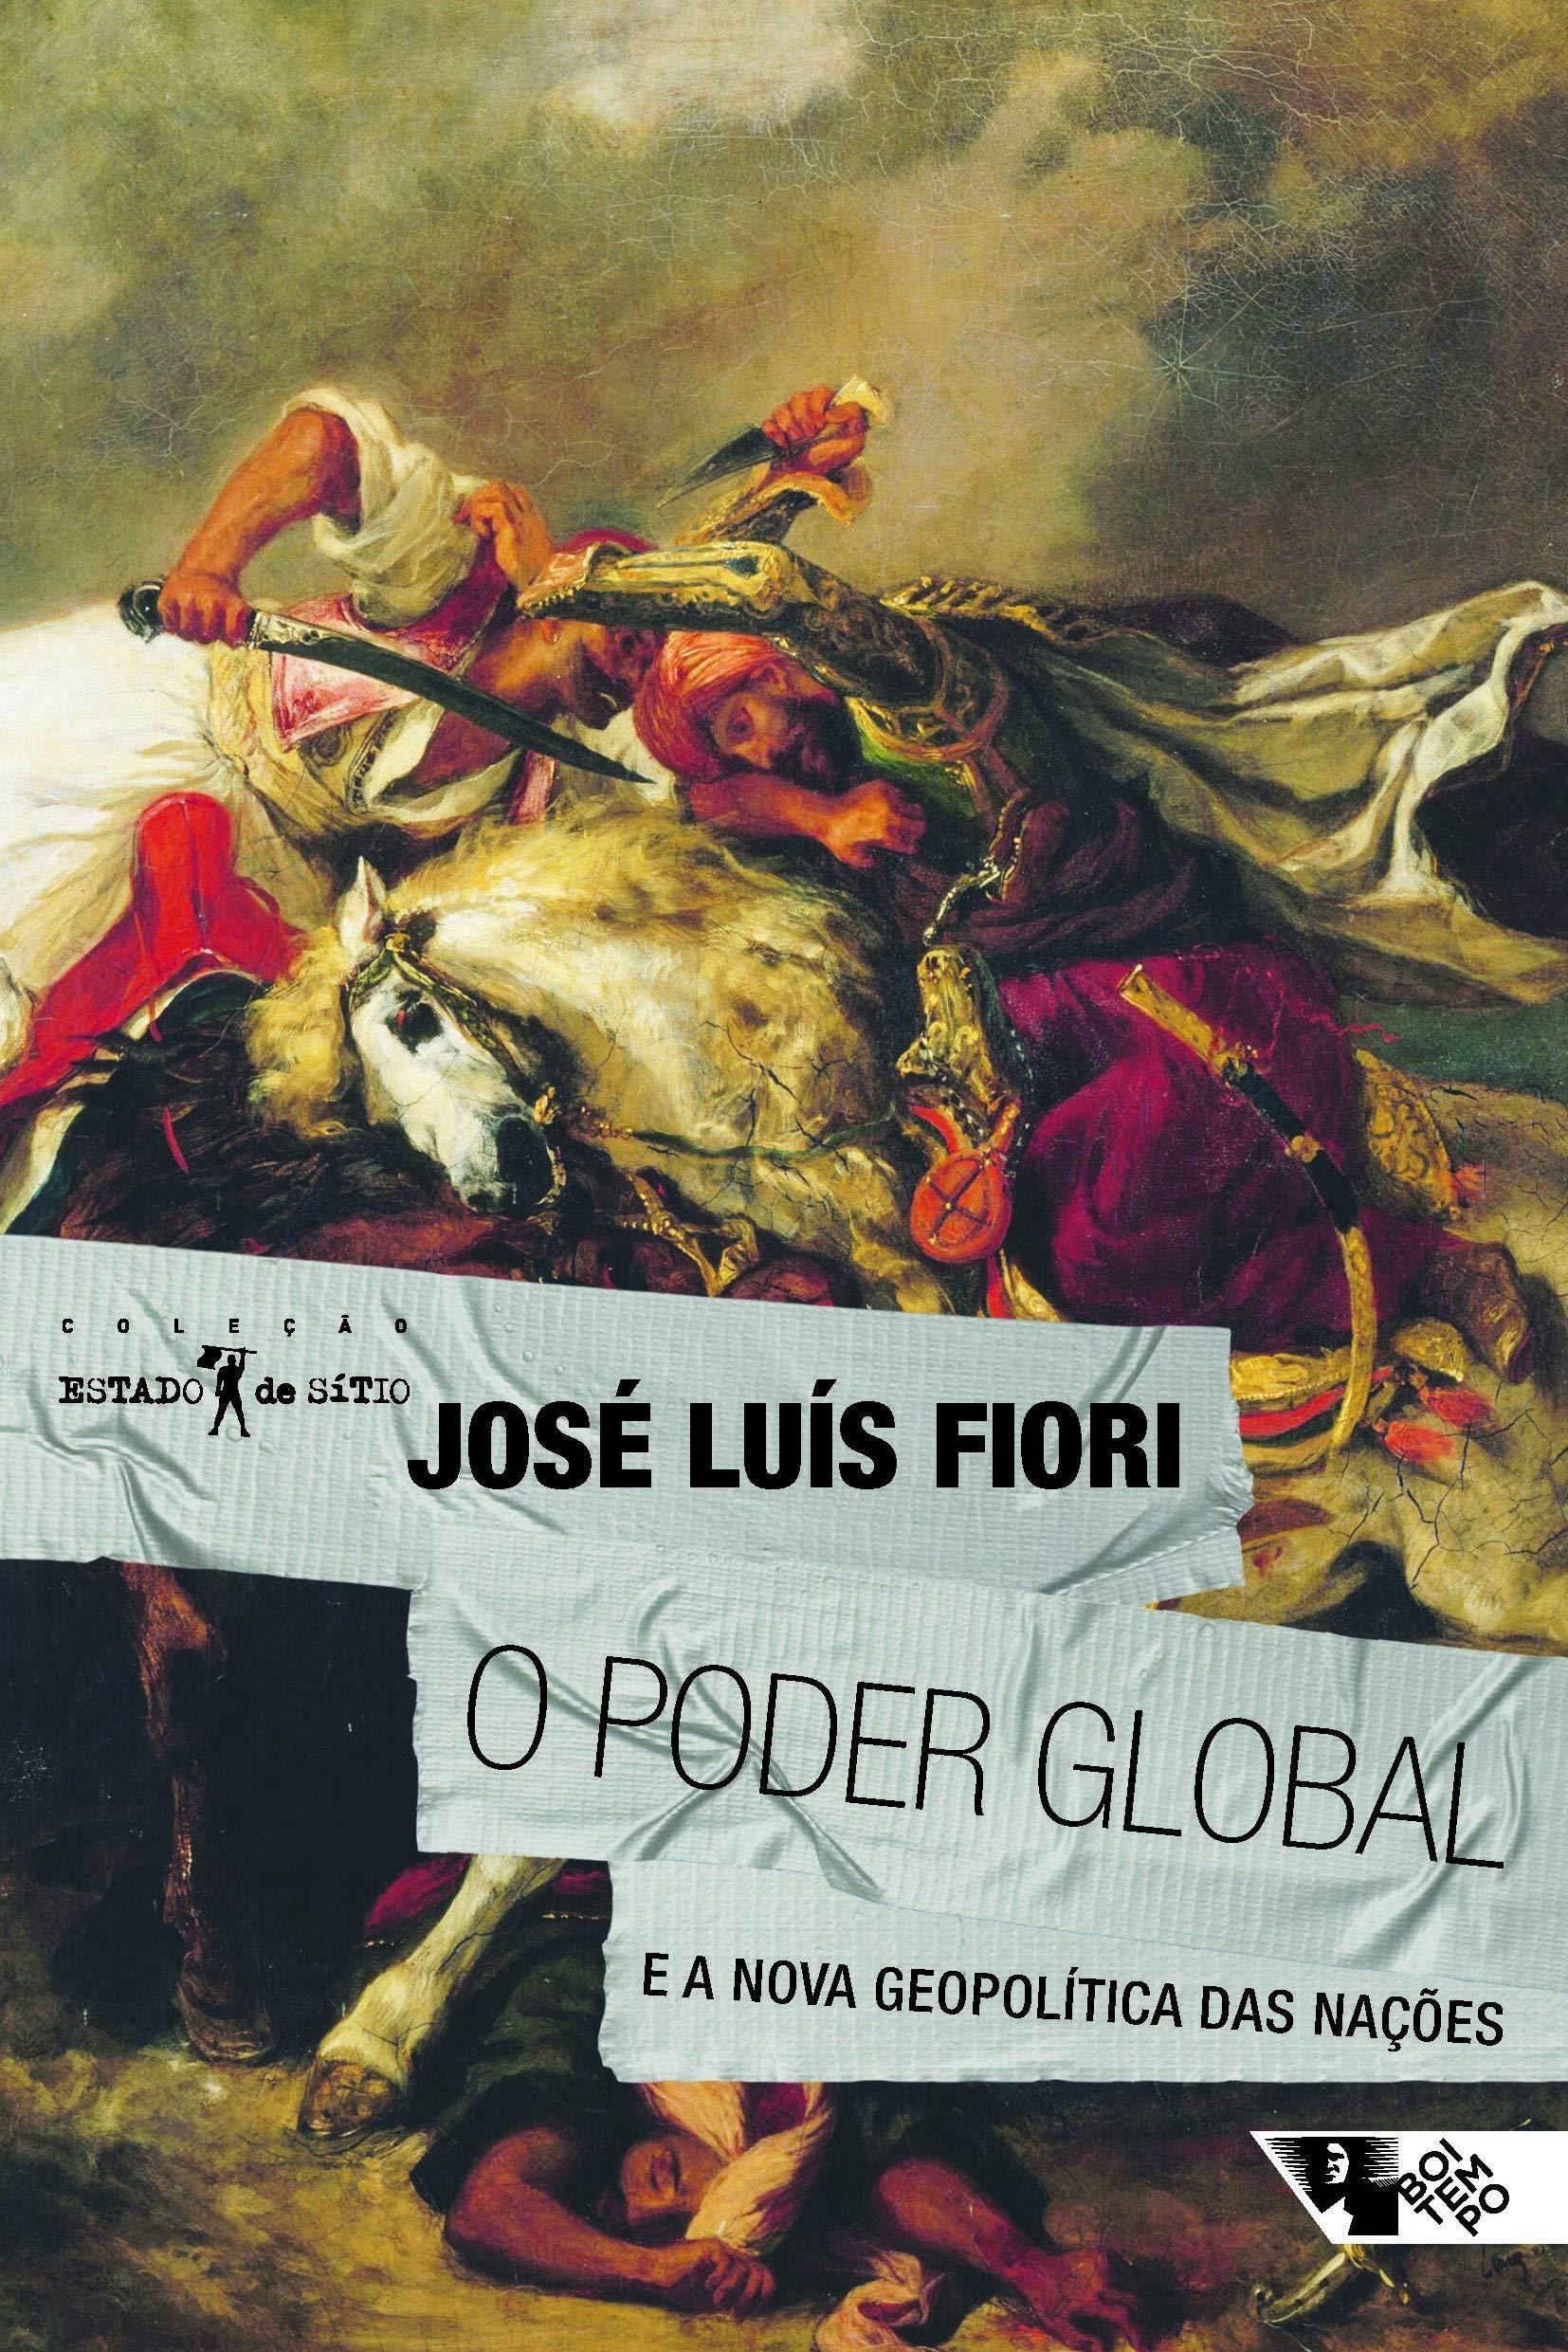 O poder global, livro de José Luís Fiori